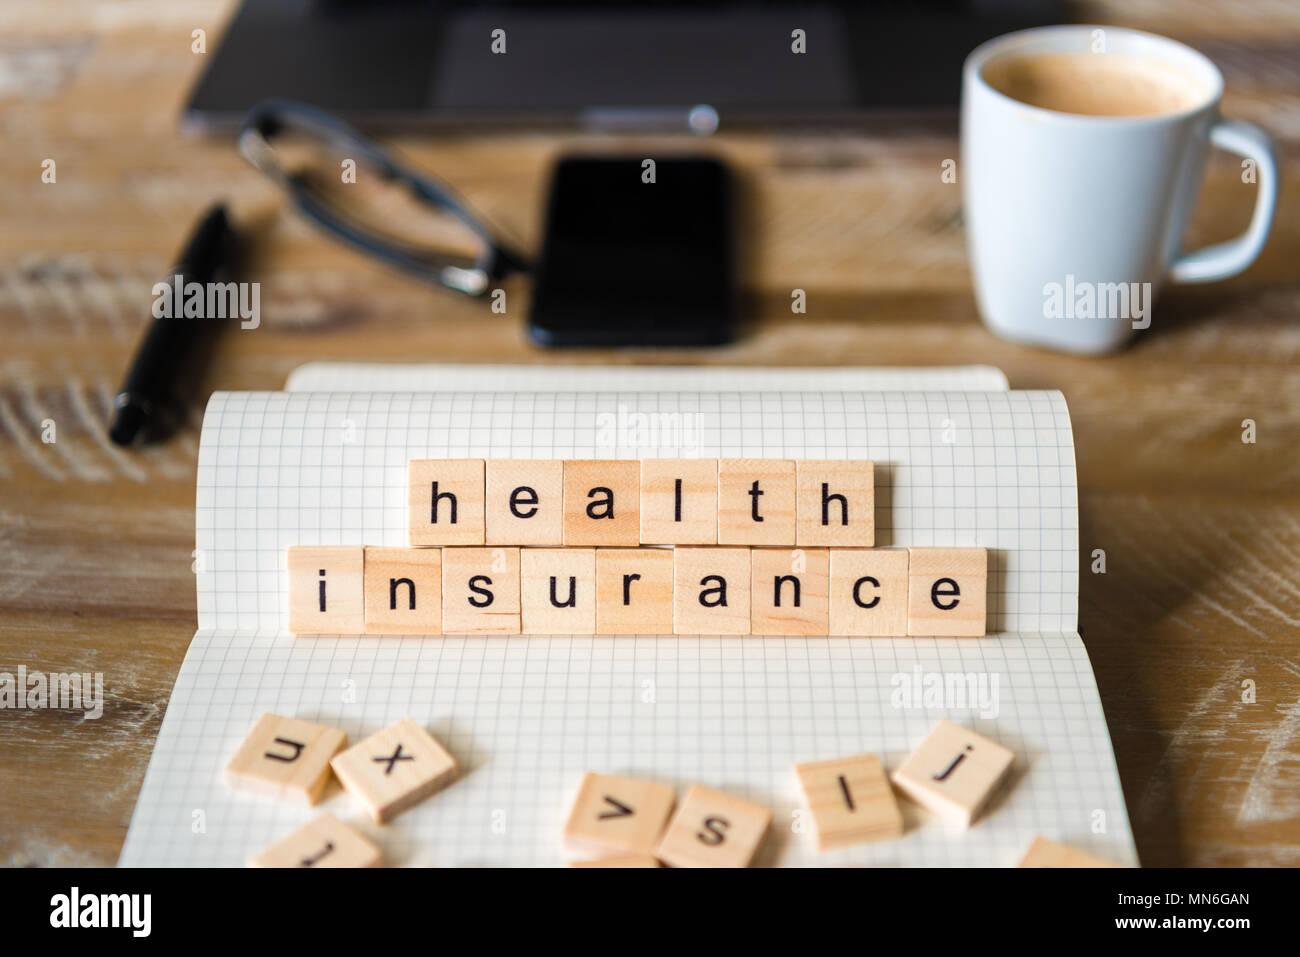 Gros plan sur ordinateur portable sur la table de bois, l'arrière-plan l'accent sur des pièces en bois avec des lettres formant des mots de l'assurance-santé. Photo Stock